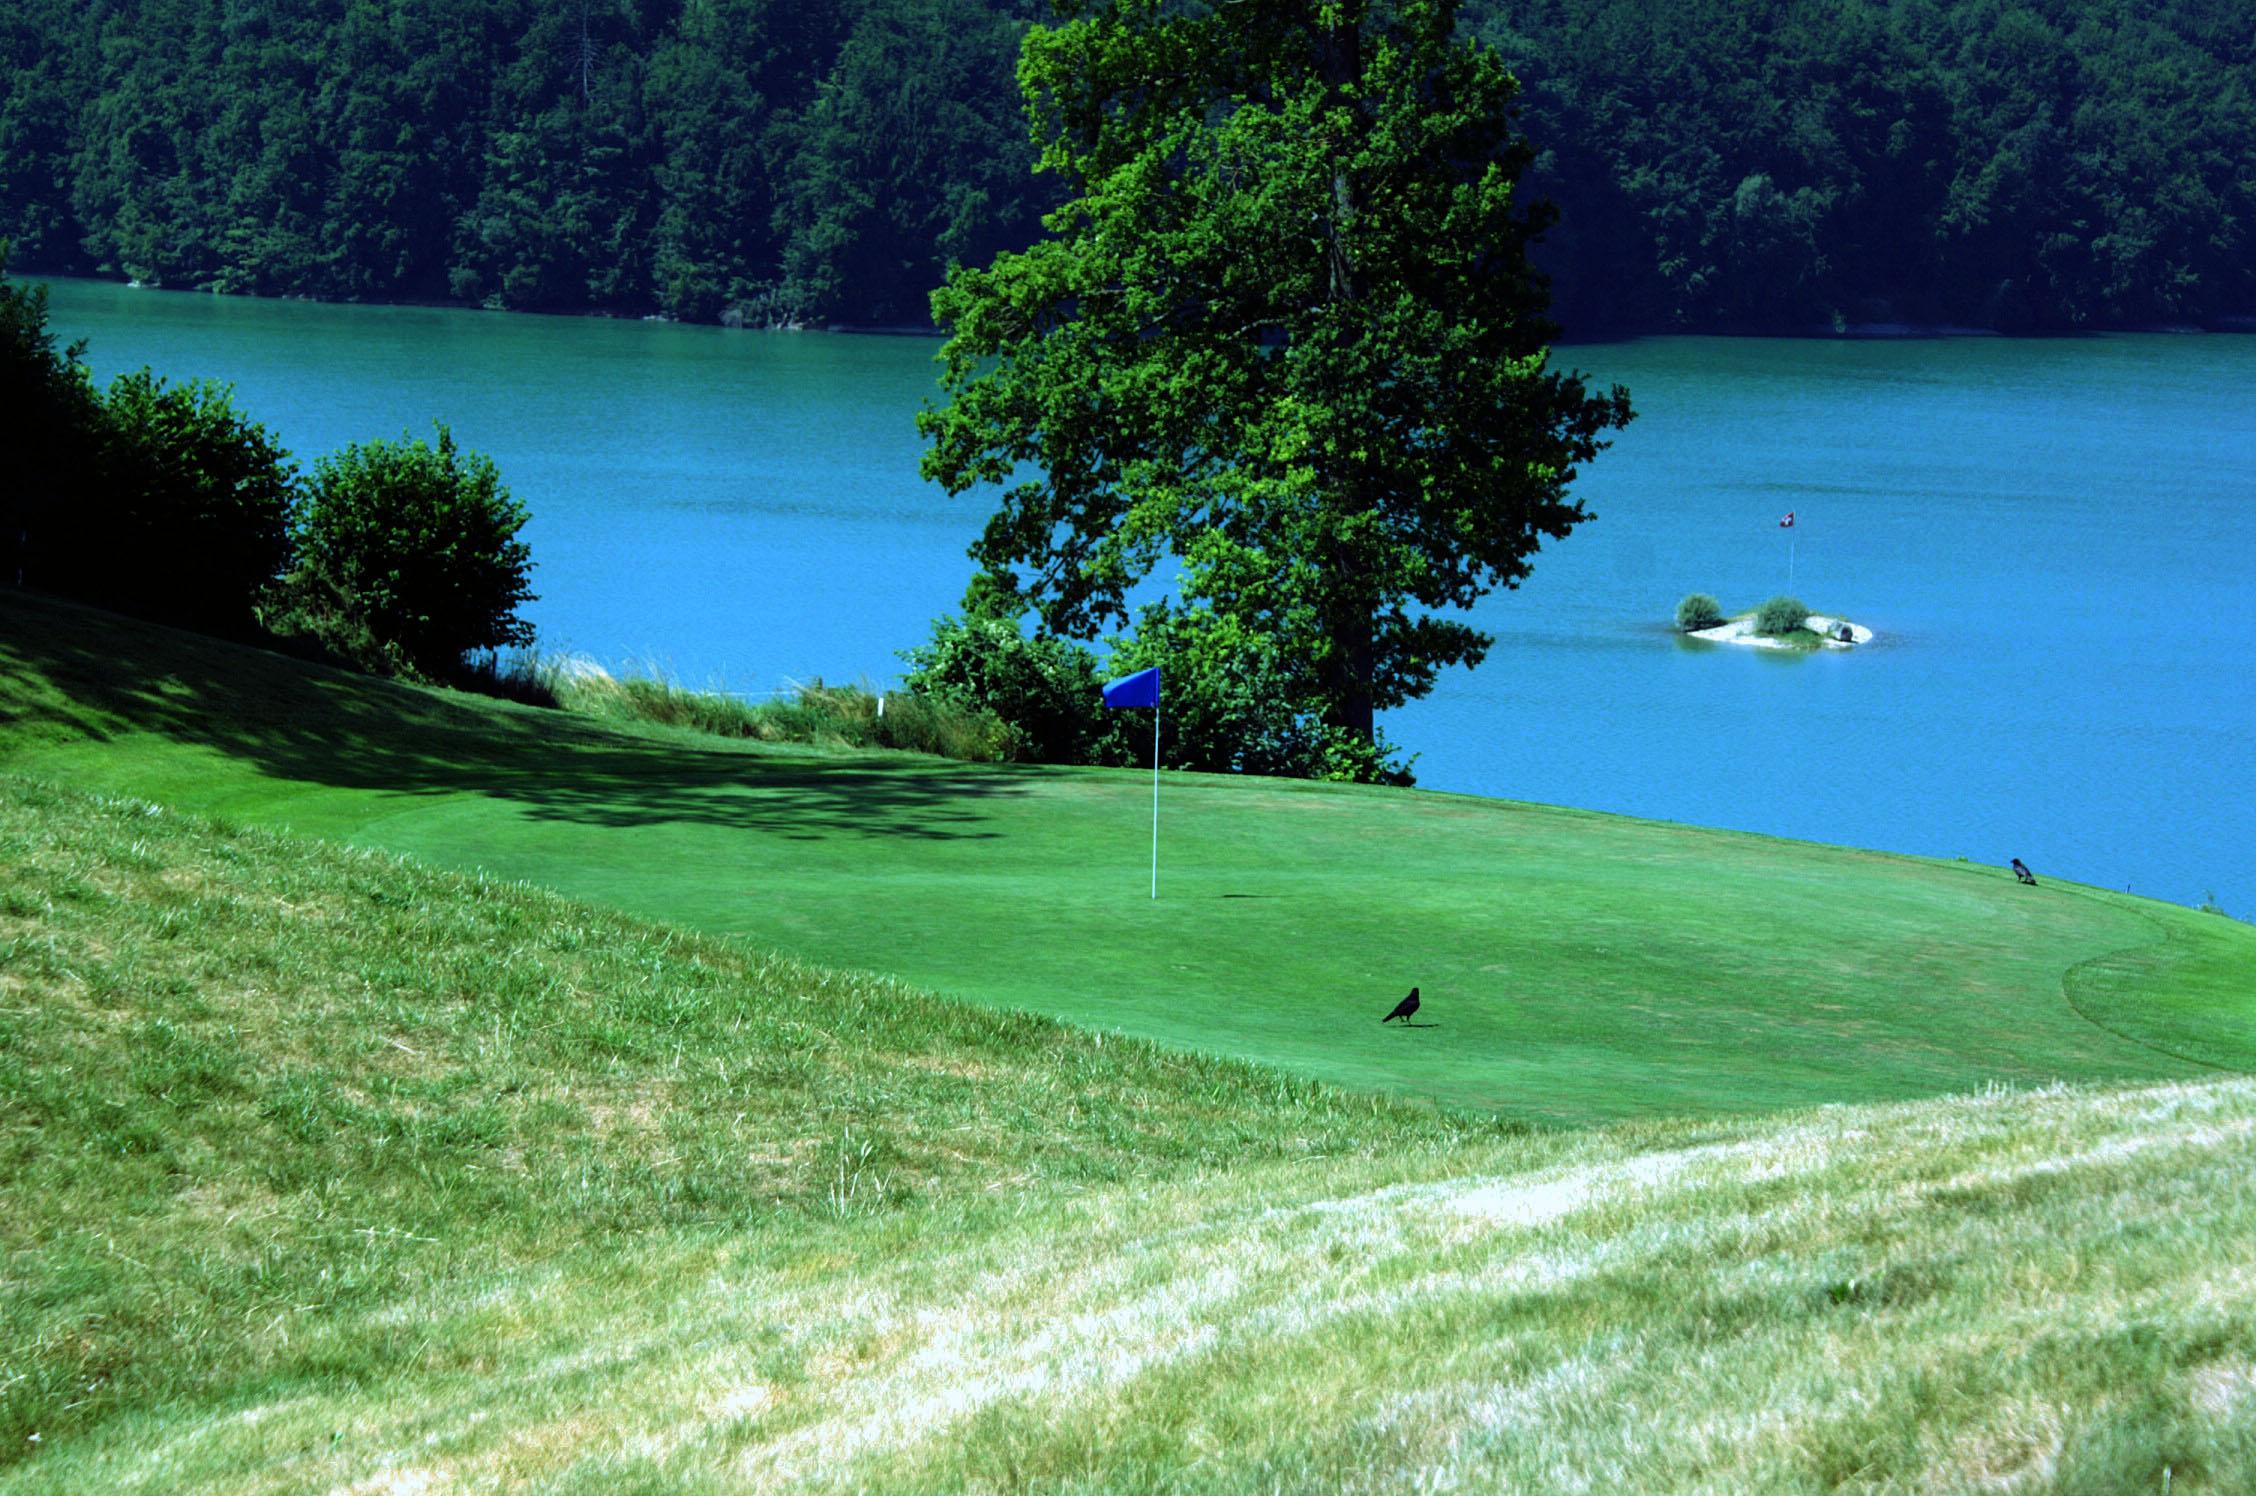 Sicht auf das Green 4 mit Aussicht auf eine Insel im Lac de la Gruyère